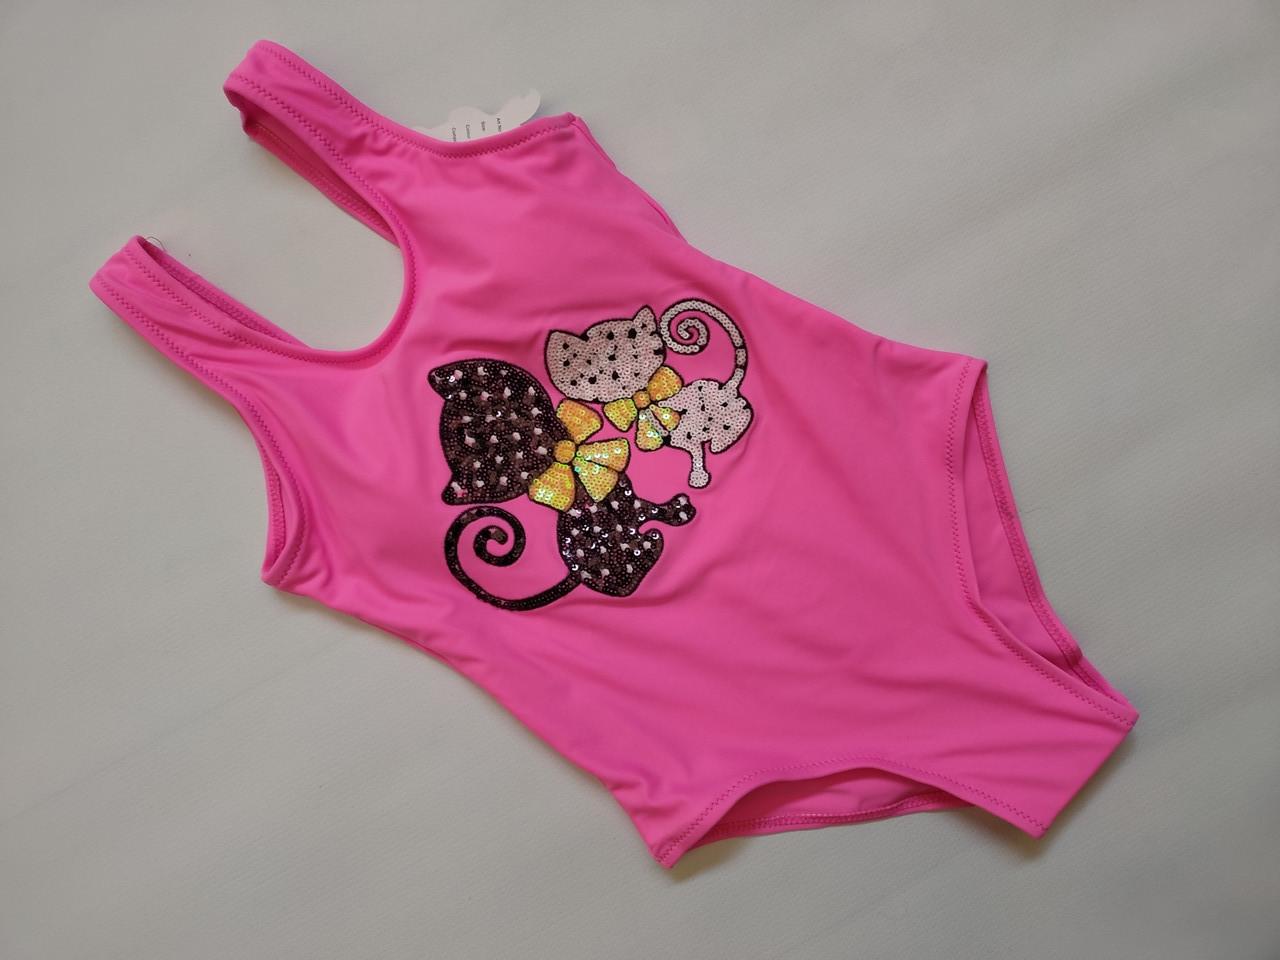 Купальник  слитный для подростков FUBA Котики  2029 розовый(в наличии  34 36 38 40 42  размеры)